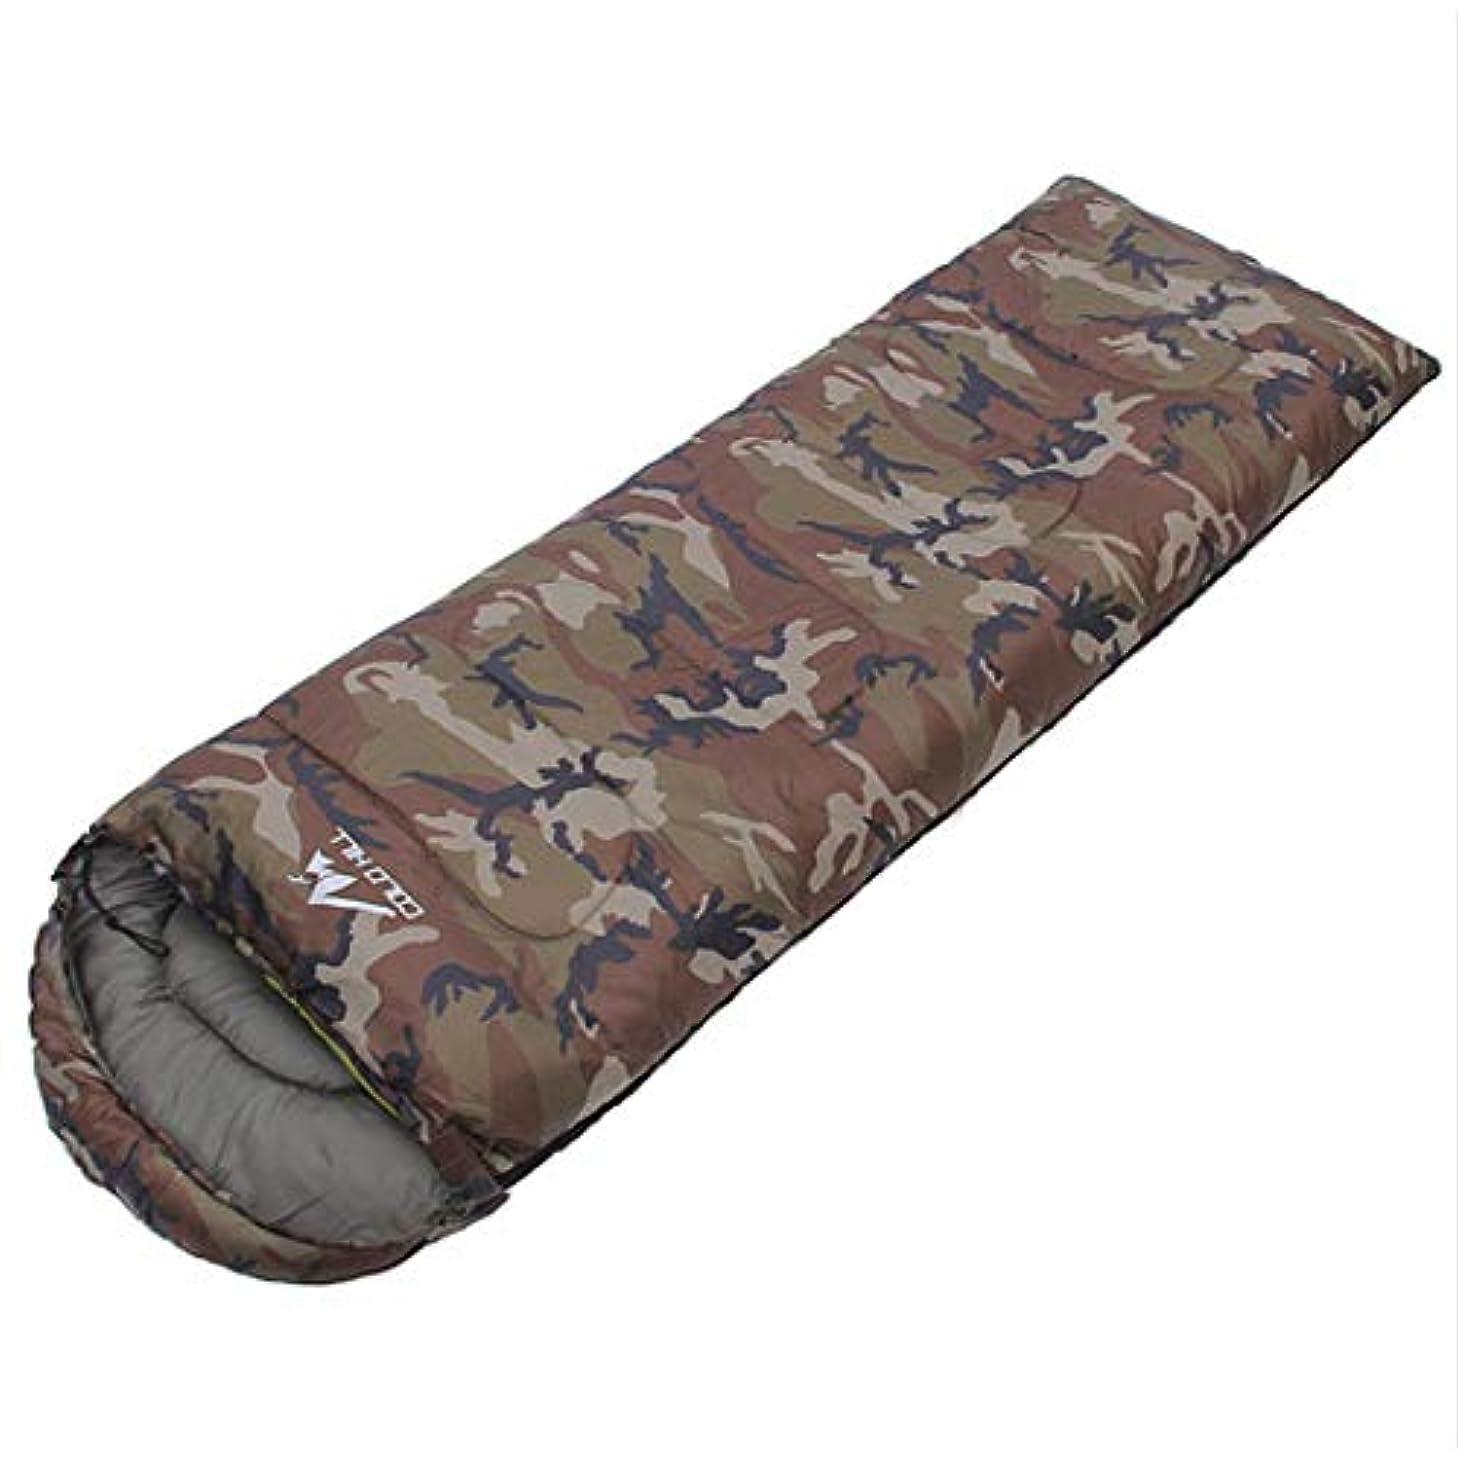 火曜日そっと森林ノウ建材貿易 屋外レジャー封筒キャップスタイルキャンプランチブレイクカモフラージュ寝袋アダルト寝袋 (サイズ : 1.55kg)